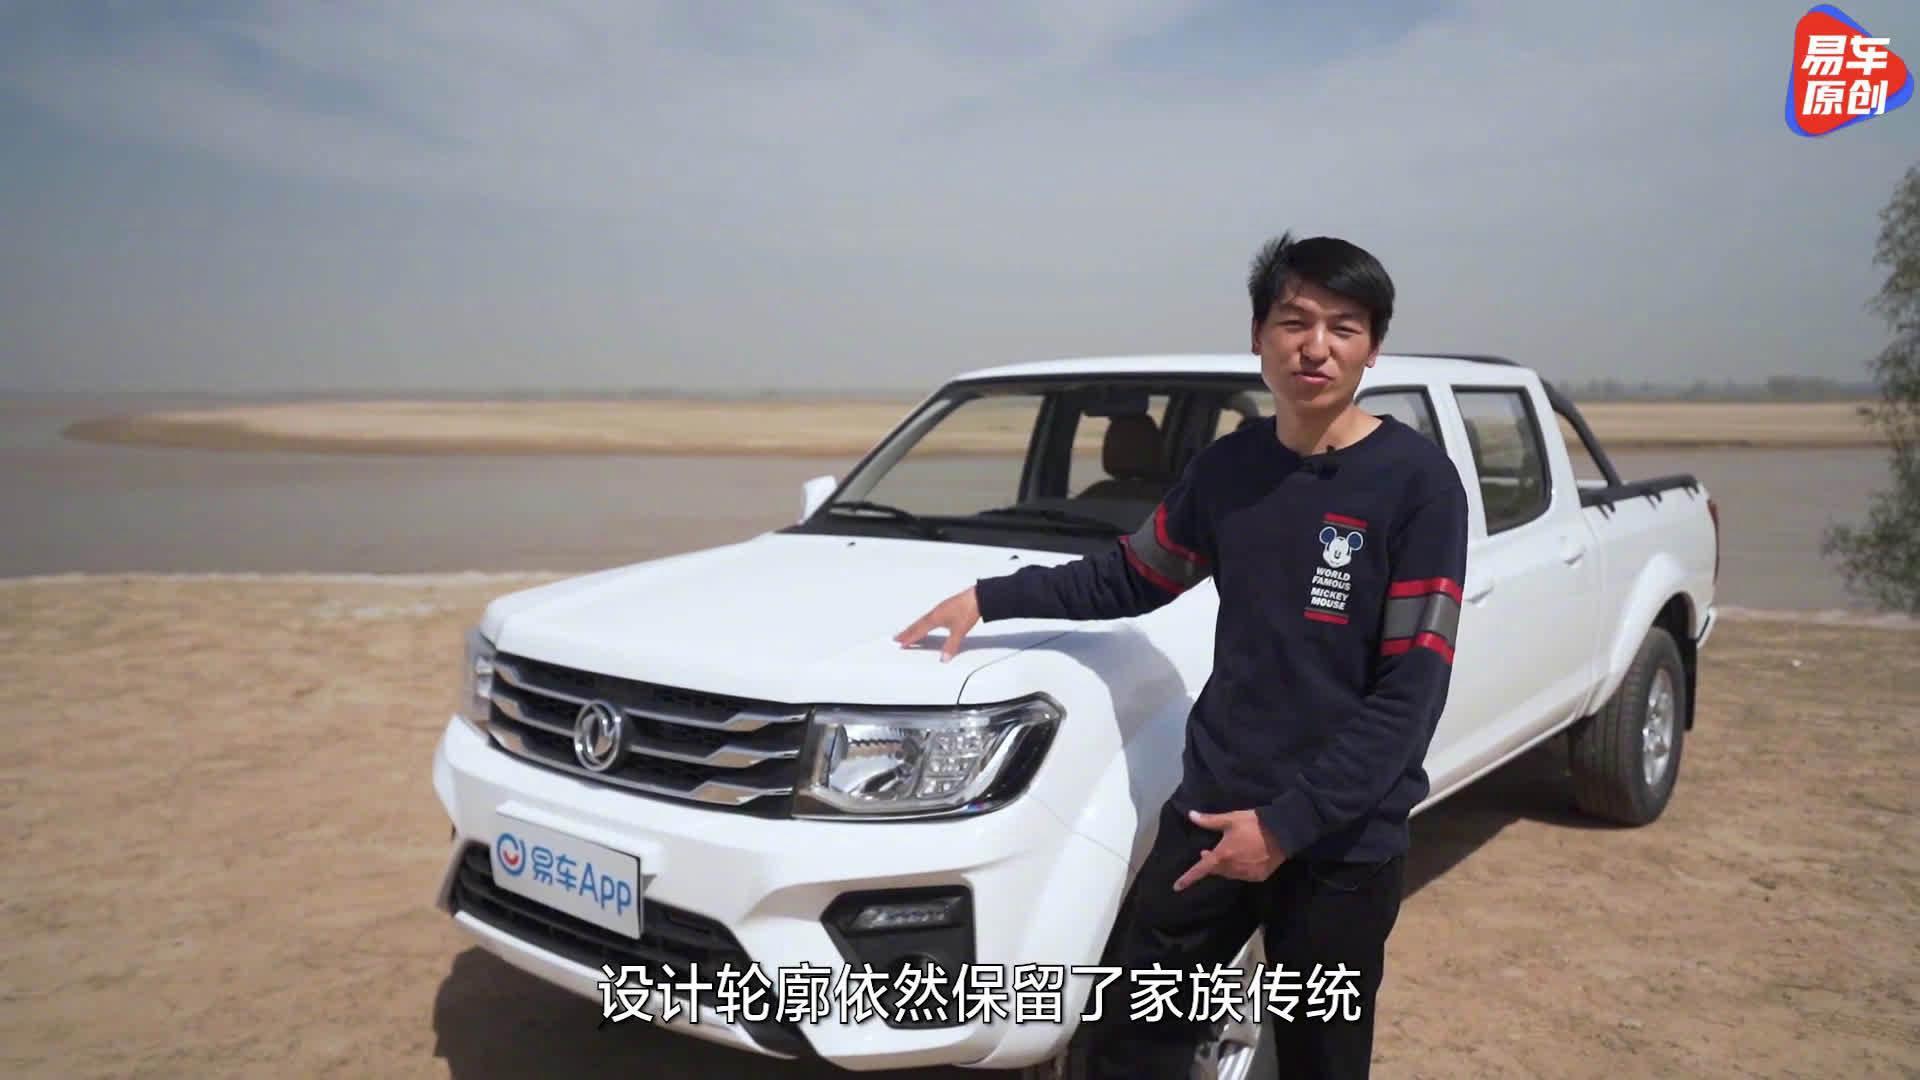 视频:感受配置提升带来的快乐,郑州日产新锐骐试车VLOG